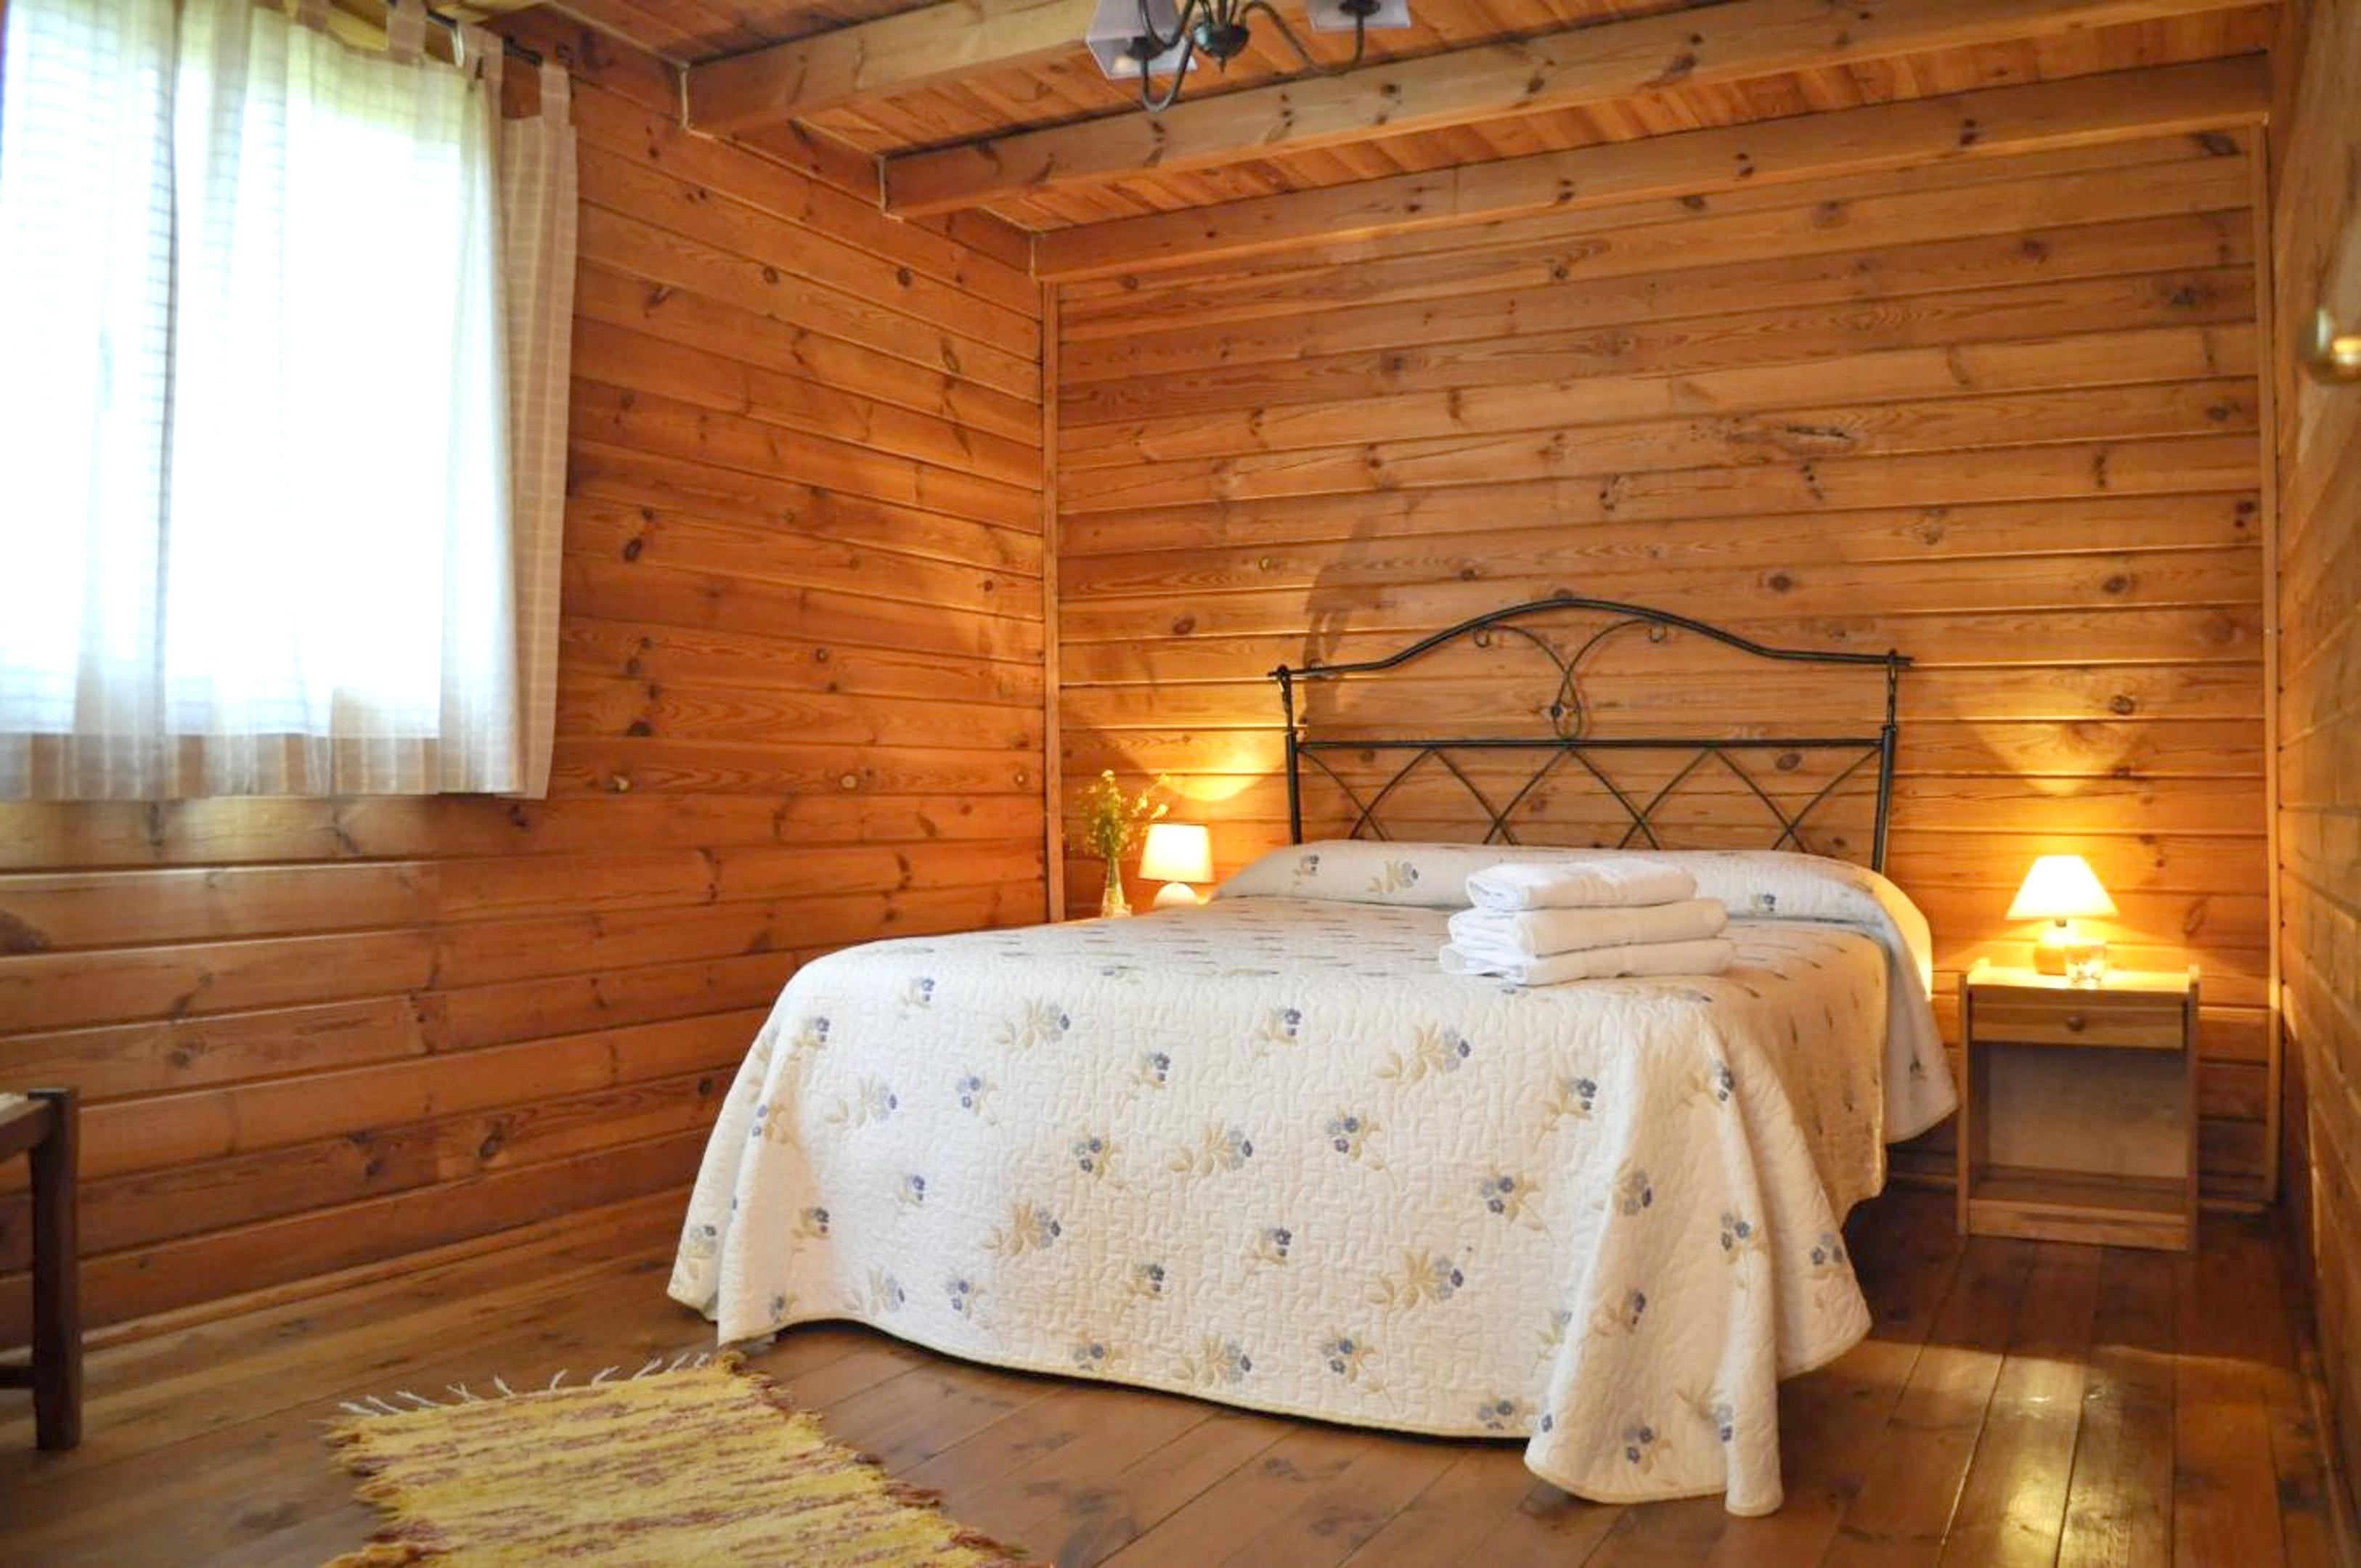 Ferienhaus Haus mit 3 Schlafzimmern in El Robledo mit toller Aussicht auf die Berge, Pool und eingezä (2529938), El Robledo, Ciudad Real, Kastilien-La Mancha, Spanien, Bild 5